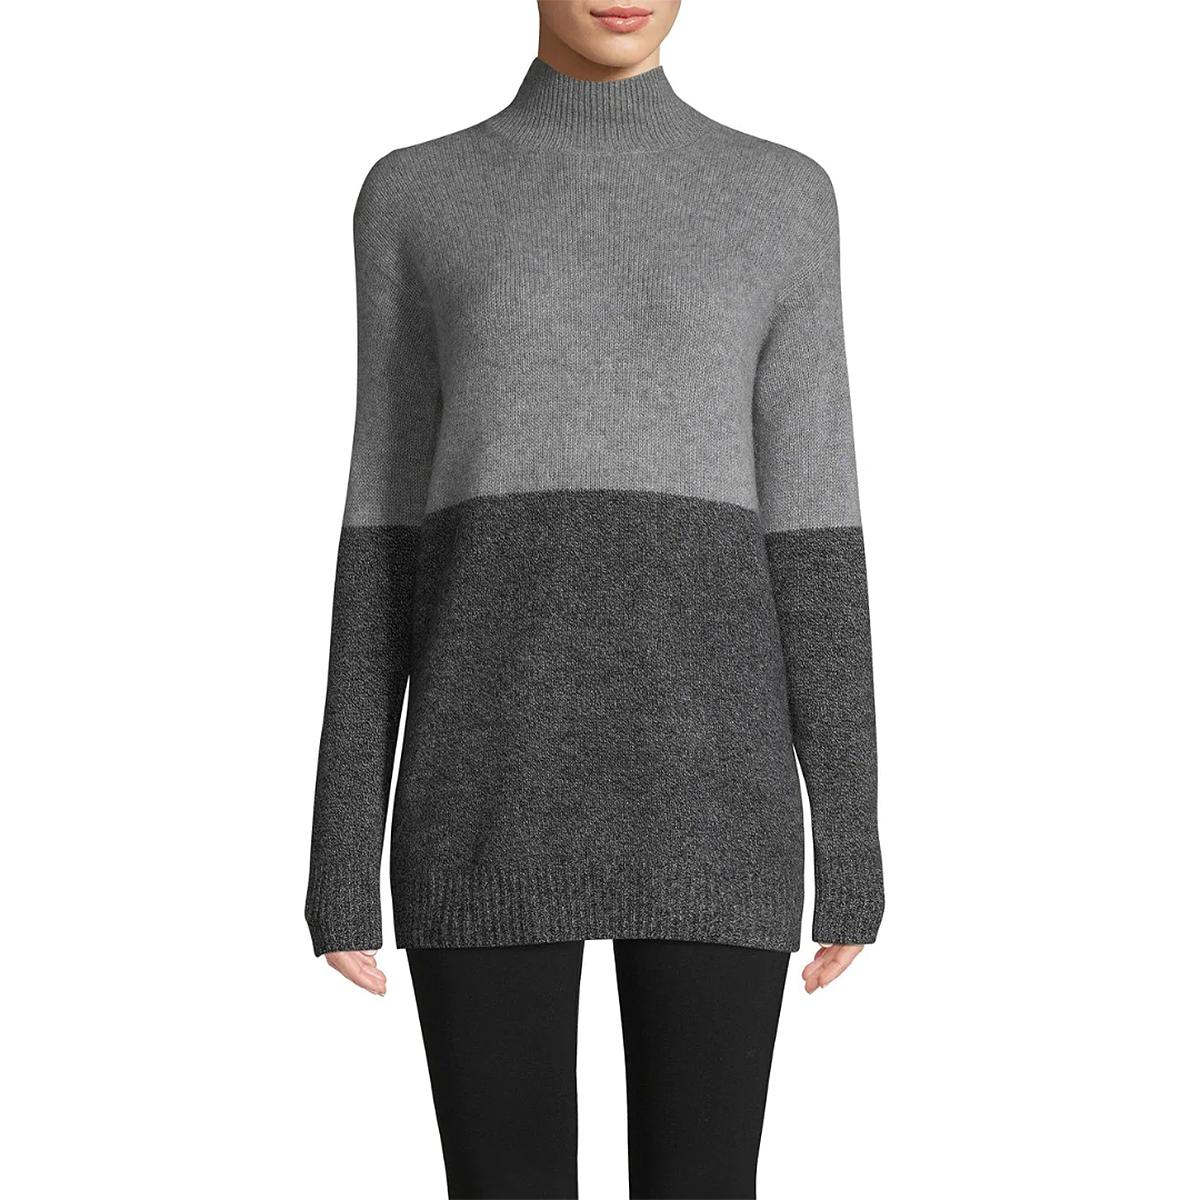 Cashmere Saks Fifth Avenue Colorblock Cashmere Sweater